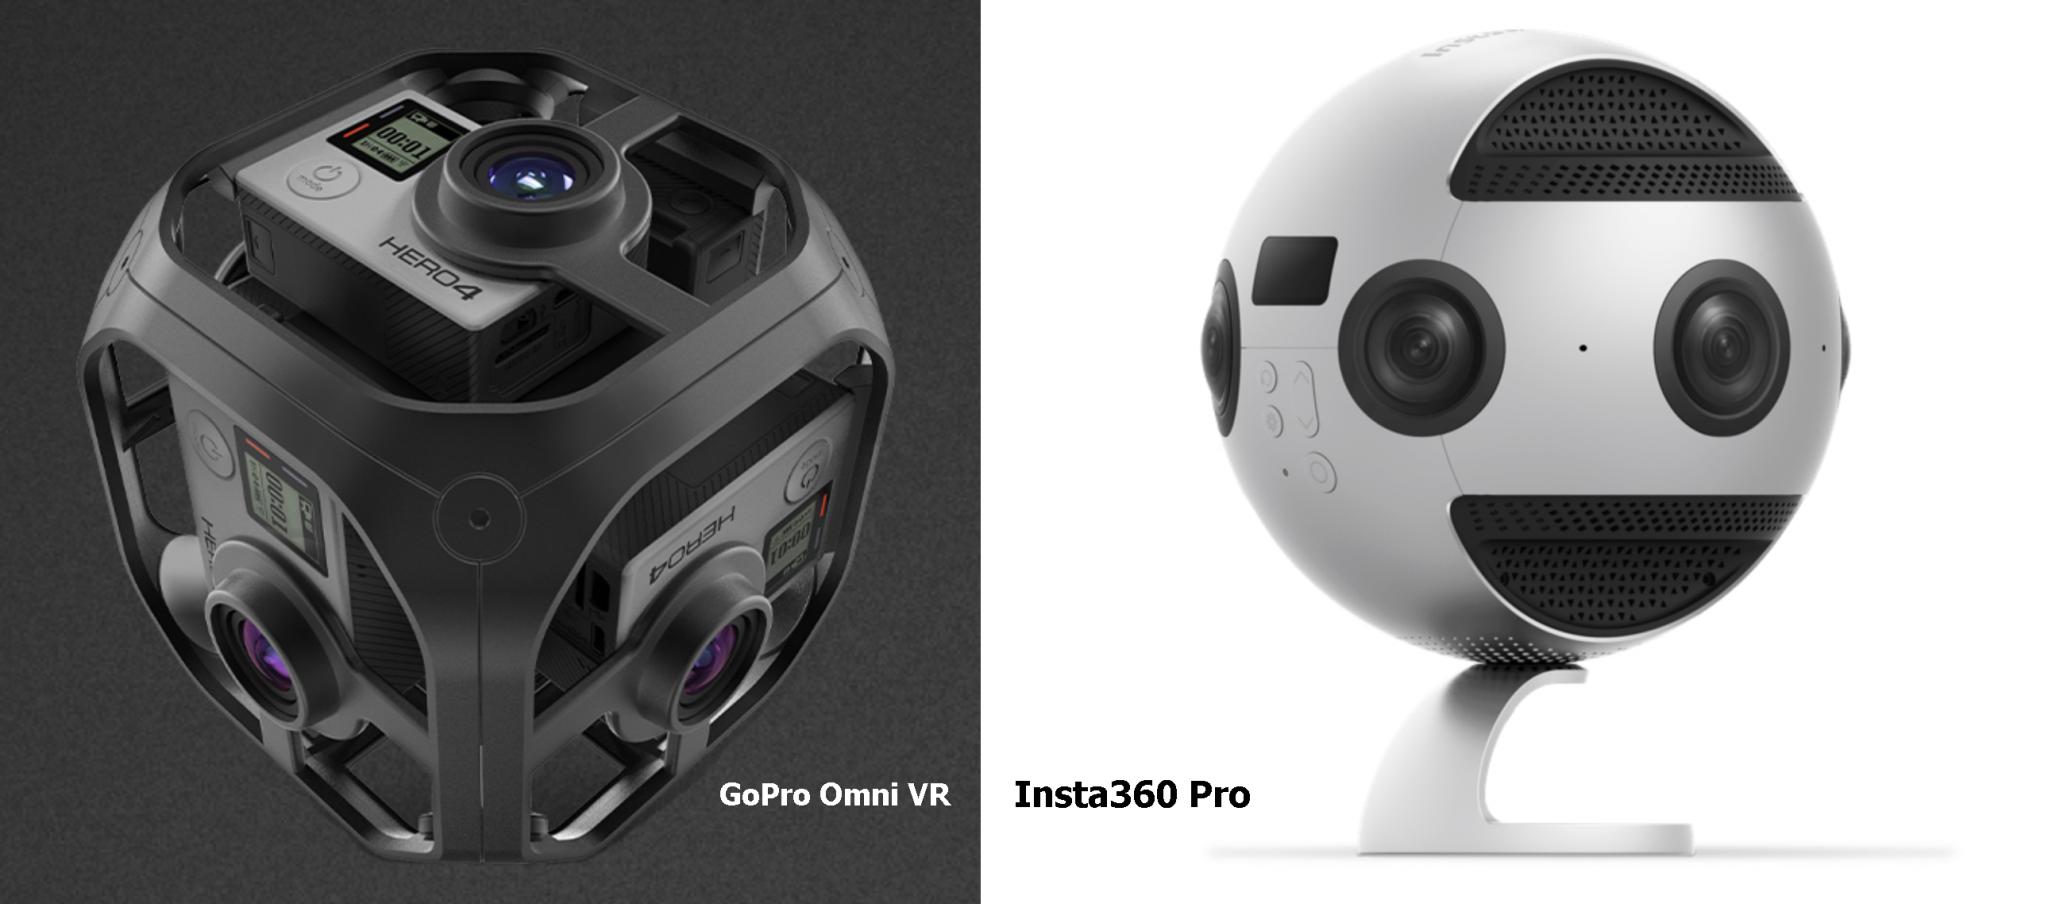 GoPro Omni VR e Insta360 Pro